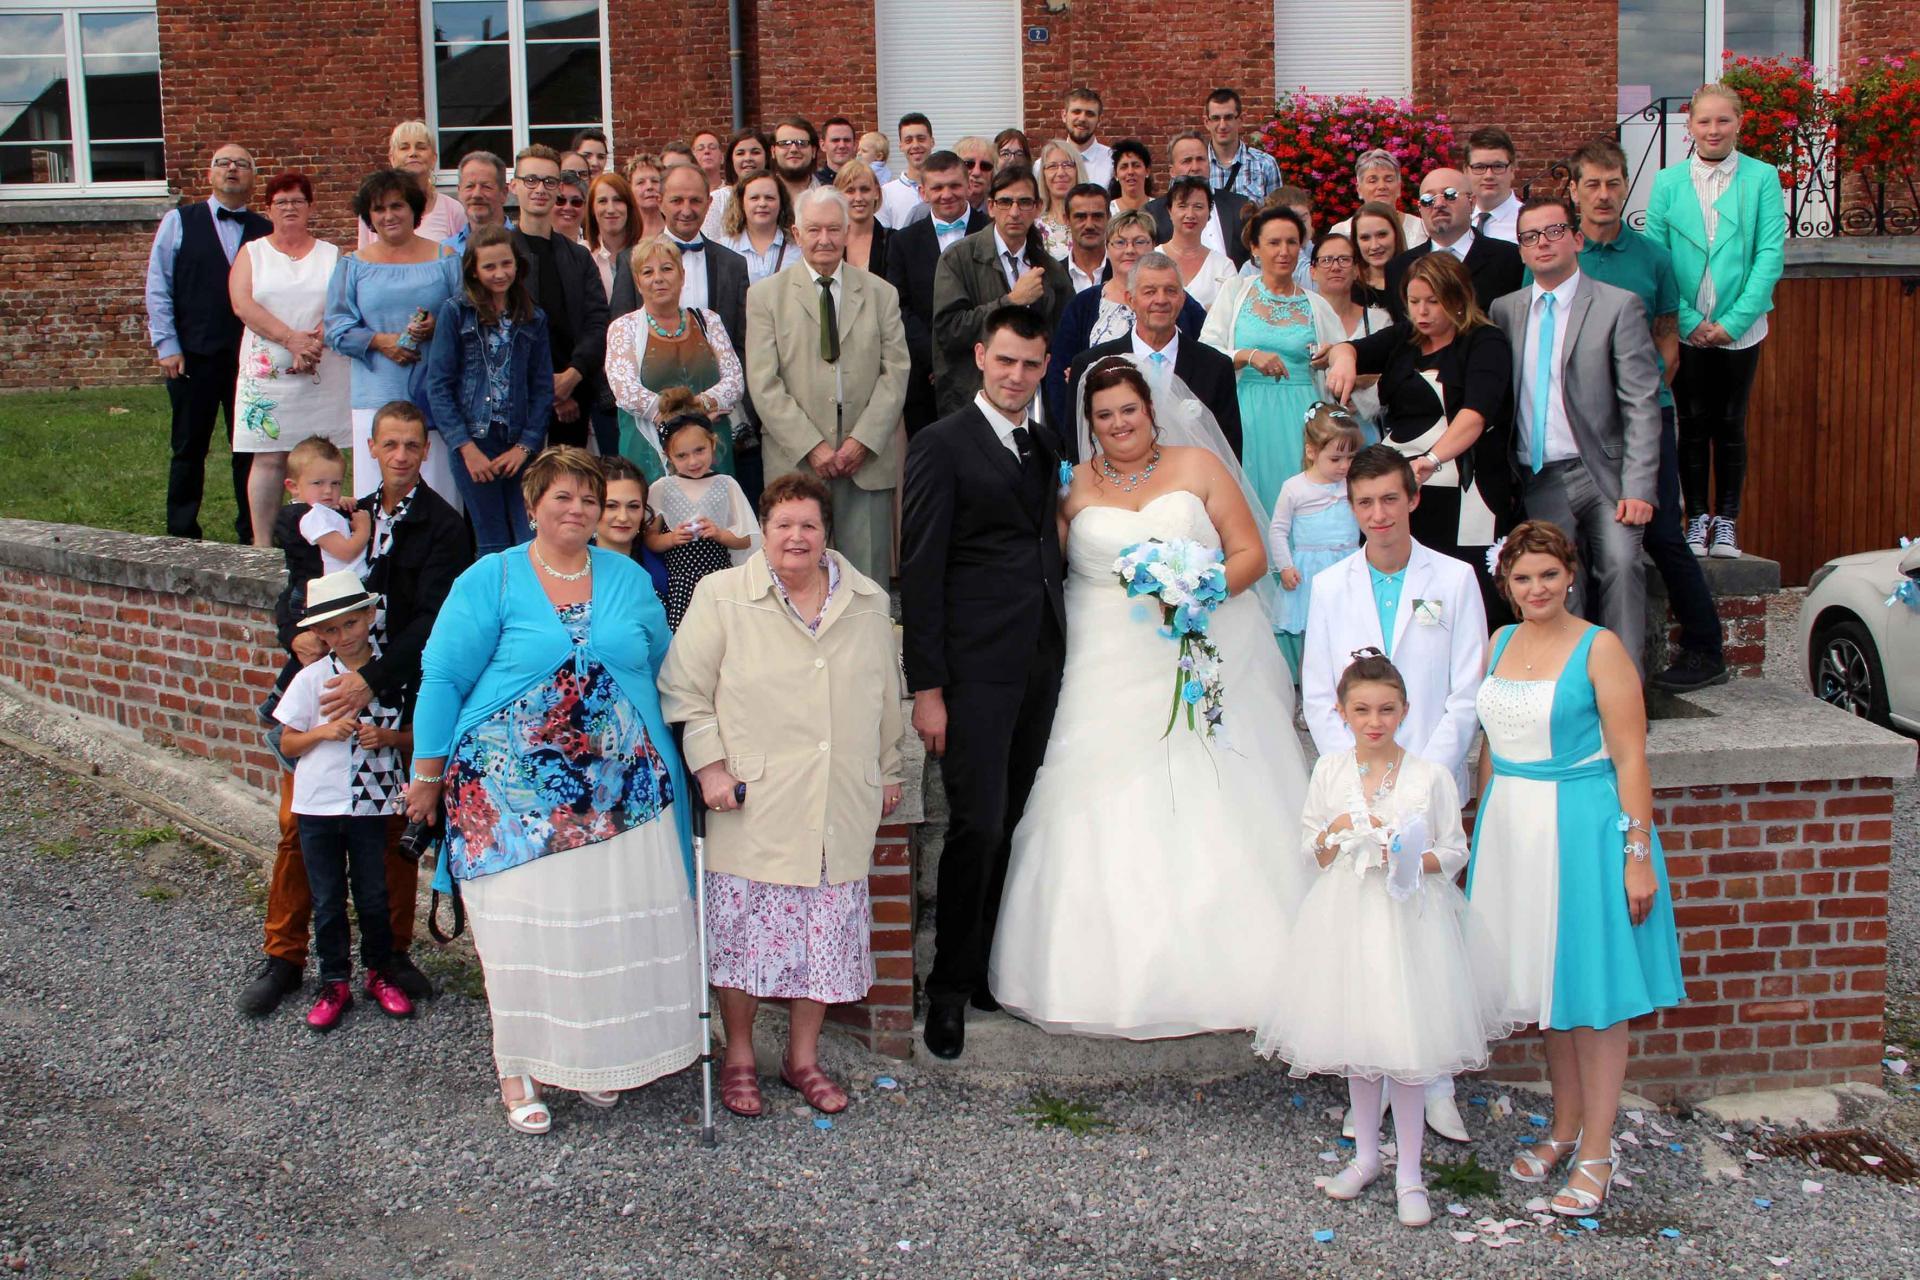 Joveniaux photographe de mariage fourmies nord